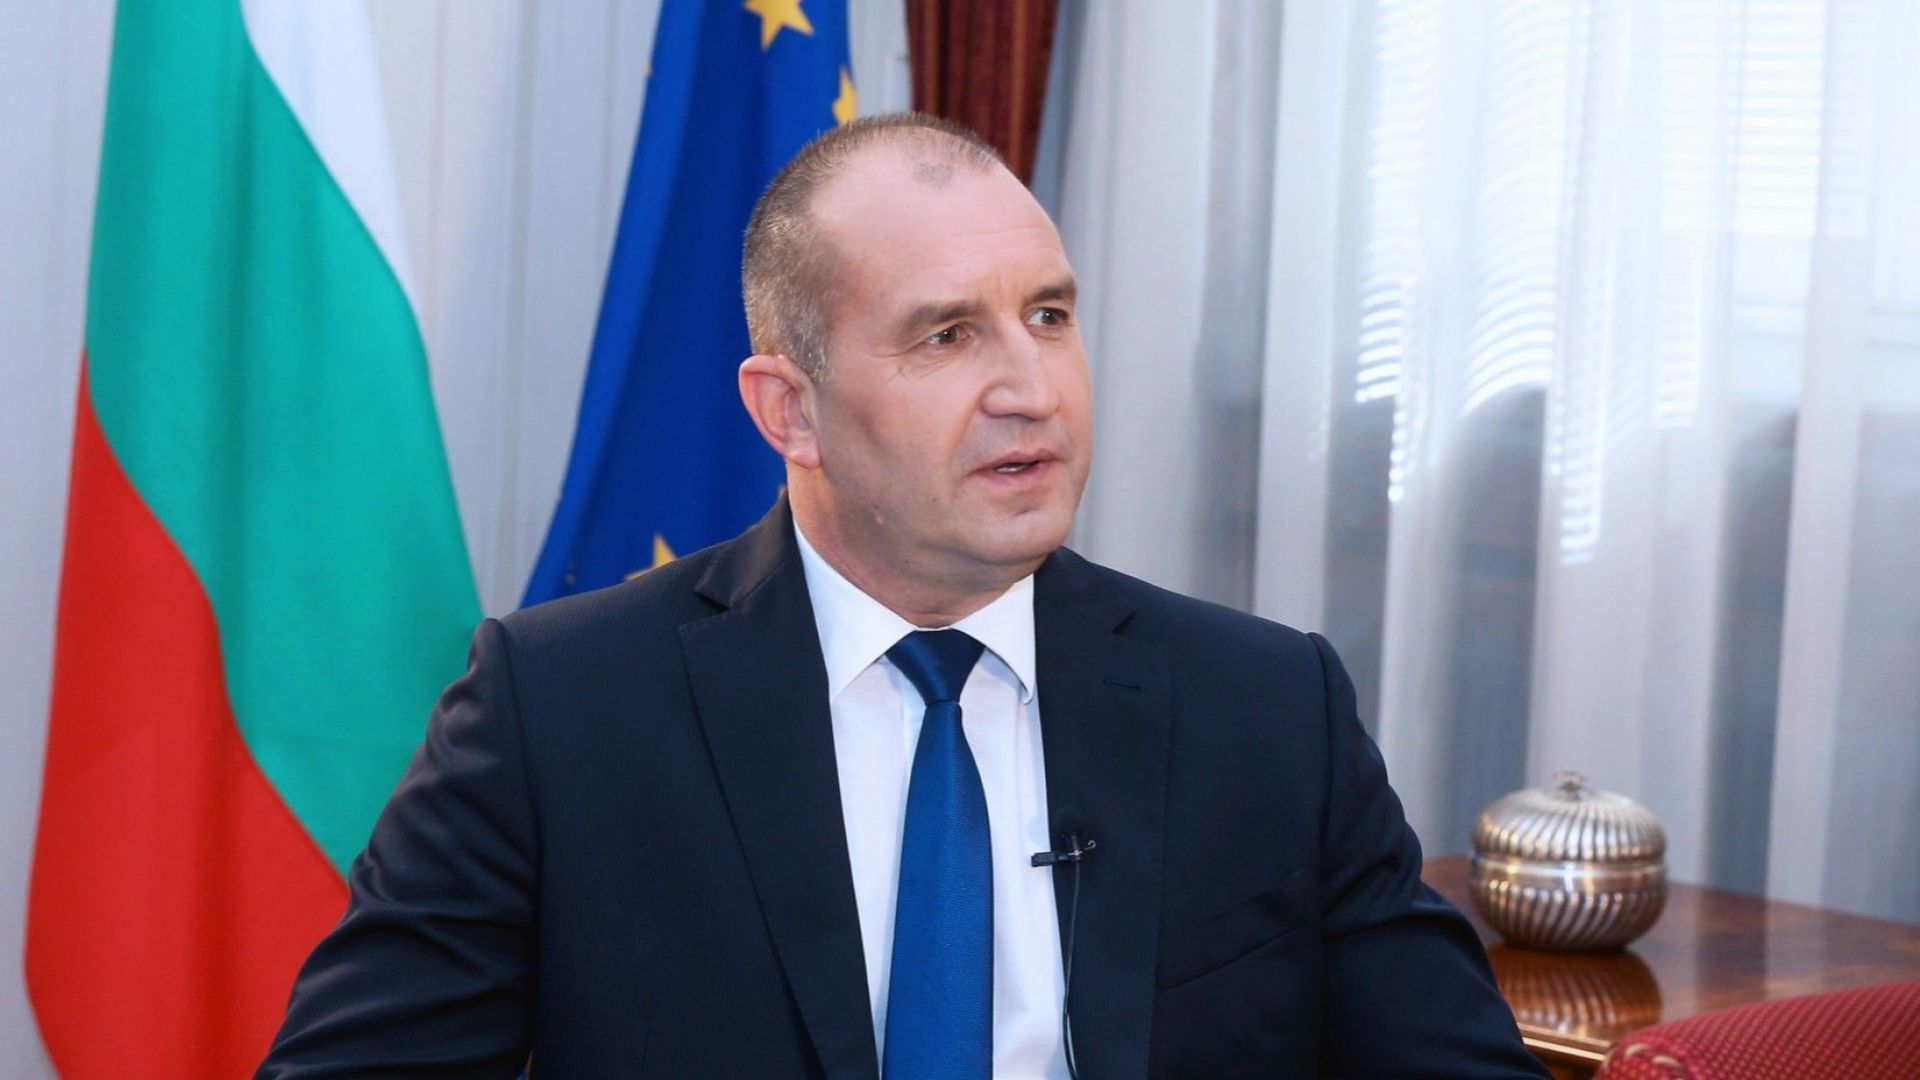 Радев: Пожелавам на правителството да оползотвори доверието, което се изгради при моето посещение в Русия